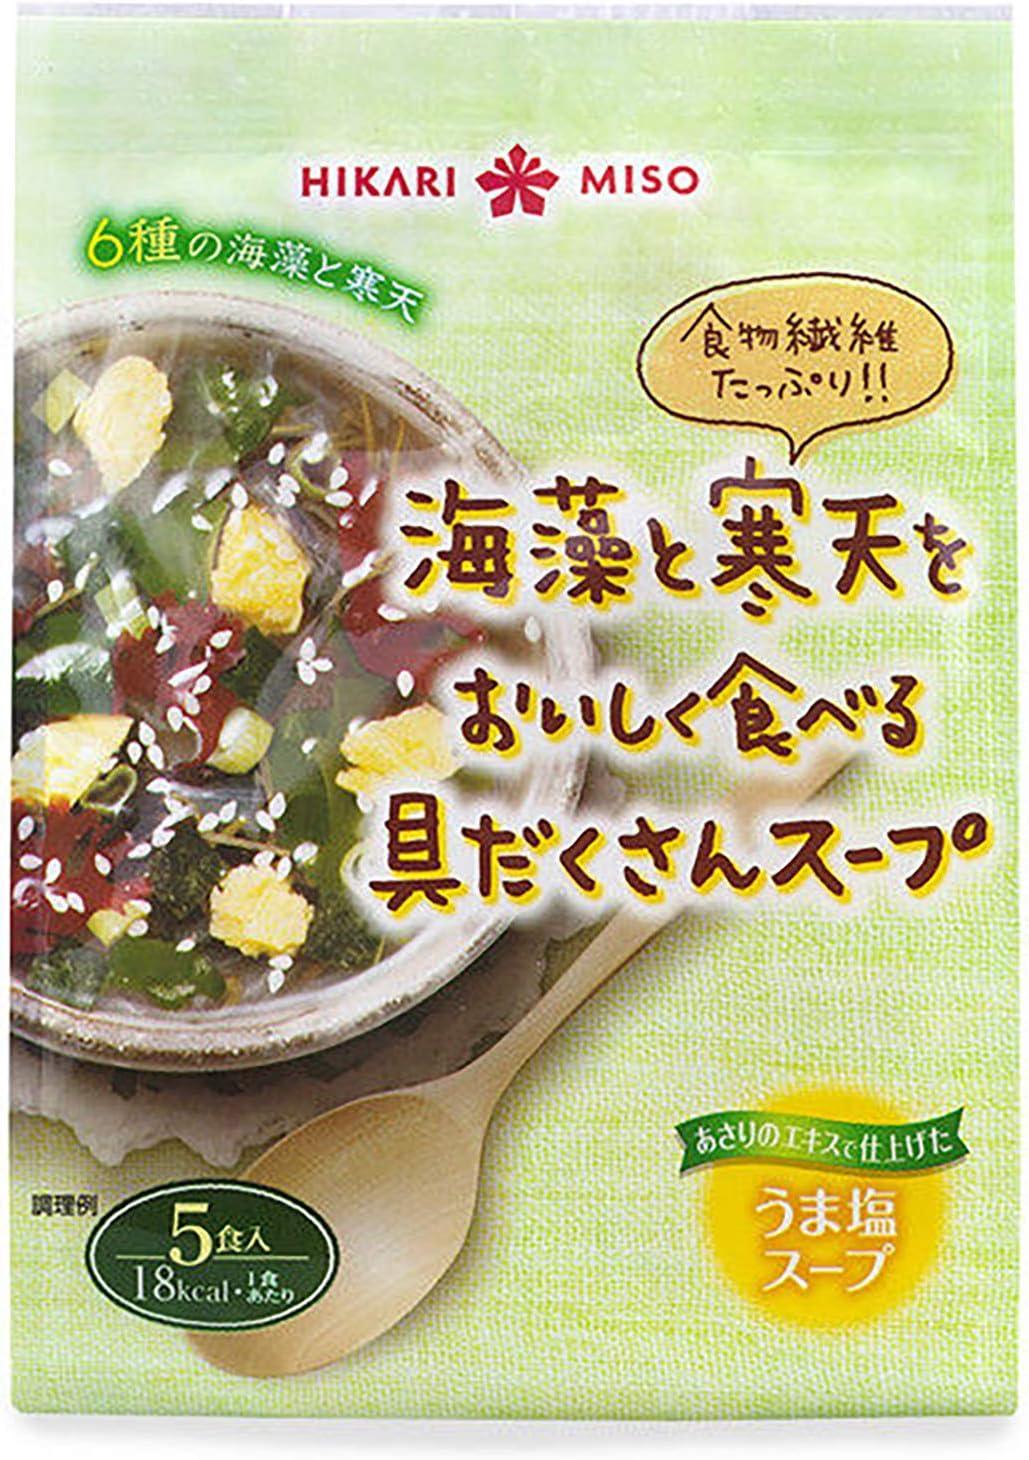 ひかり味噌 海藻と寒天をおいしく食べる具だくさんスープ 5食×4個